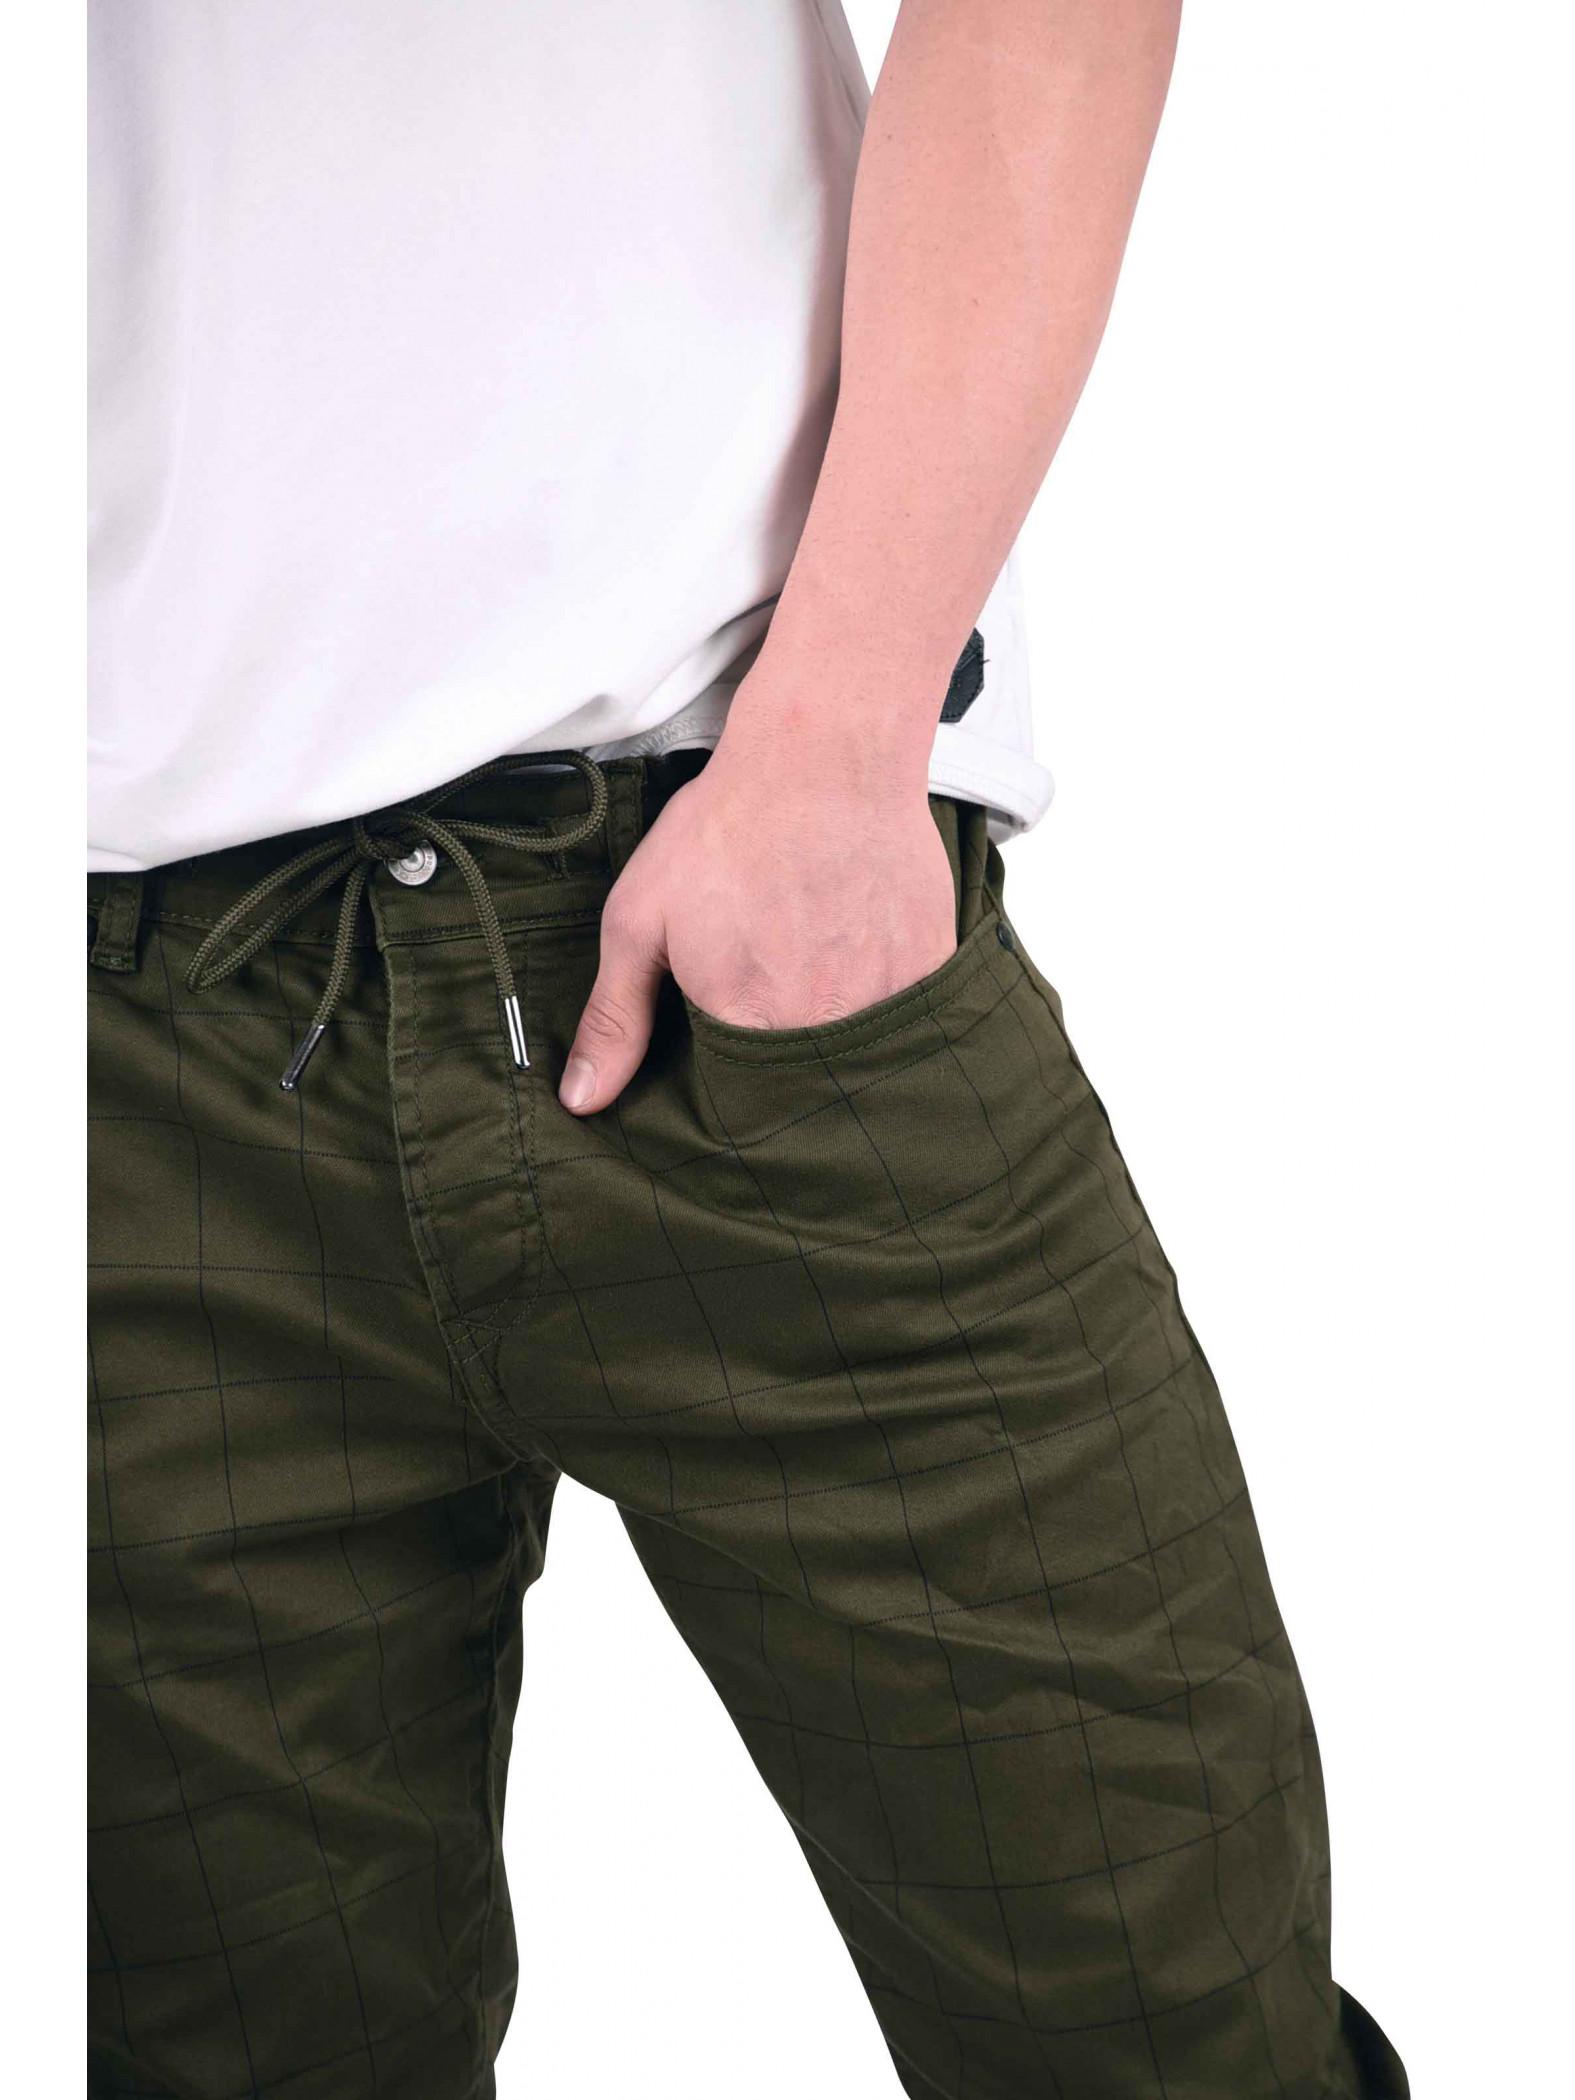 pantalon ajust carreaux et fines rayures homme project. Black Bedroom Furniture Sets. Home Design Ideas